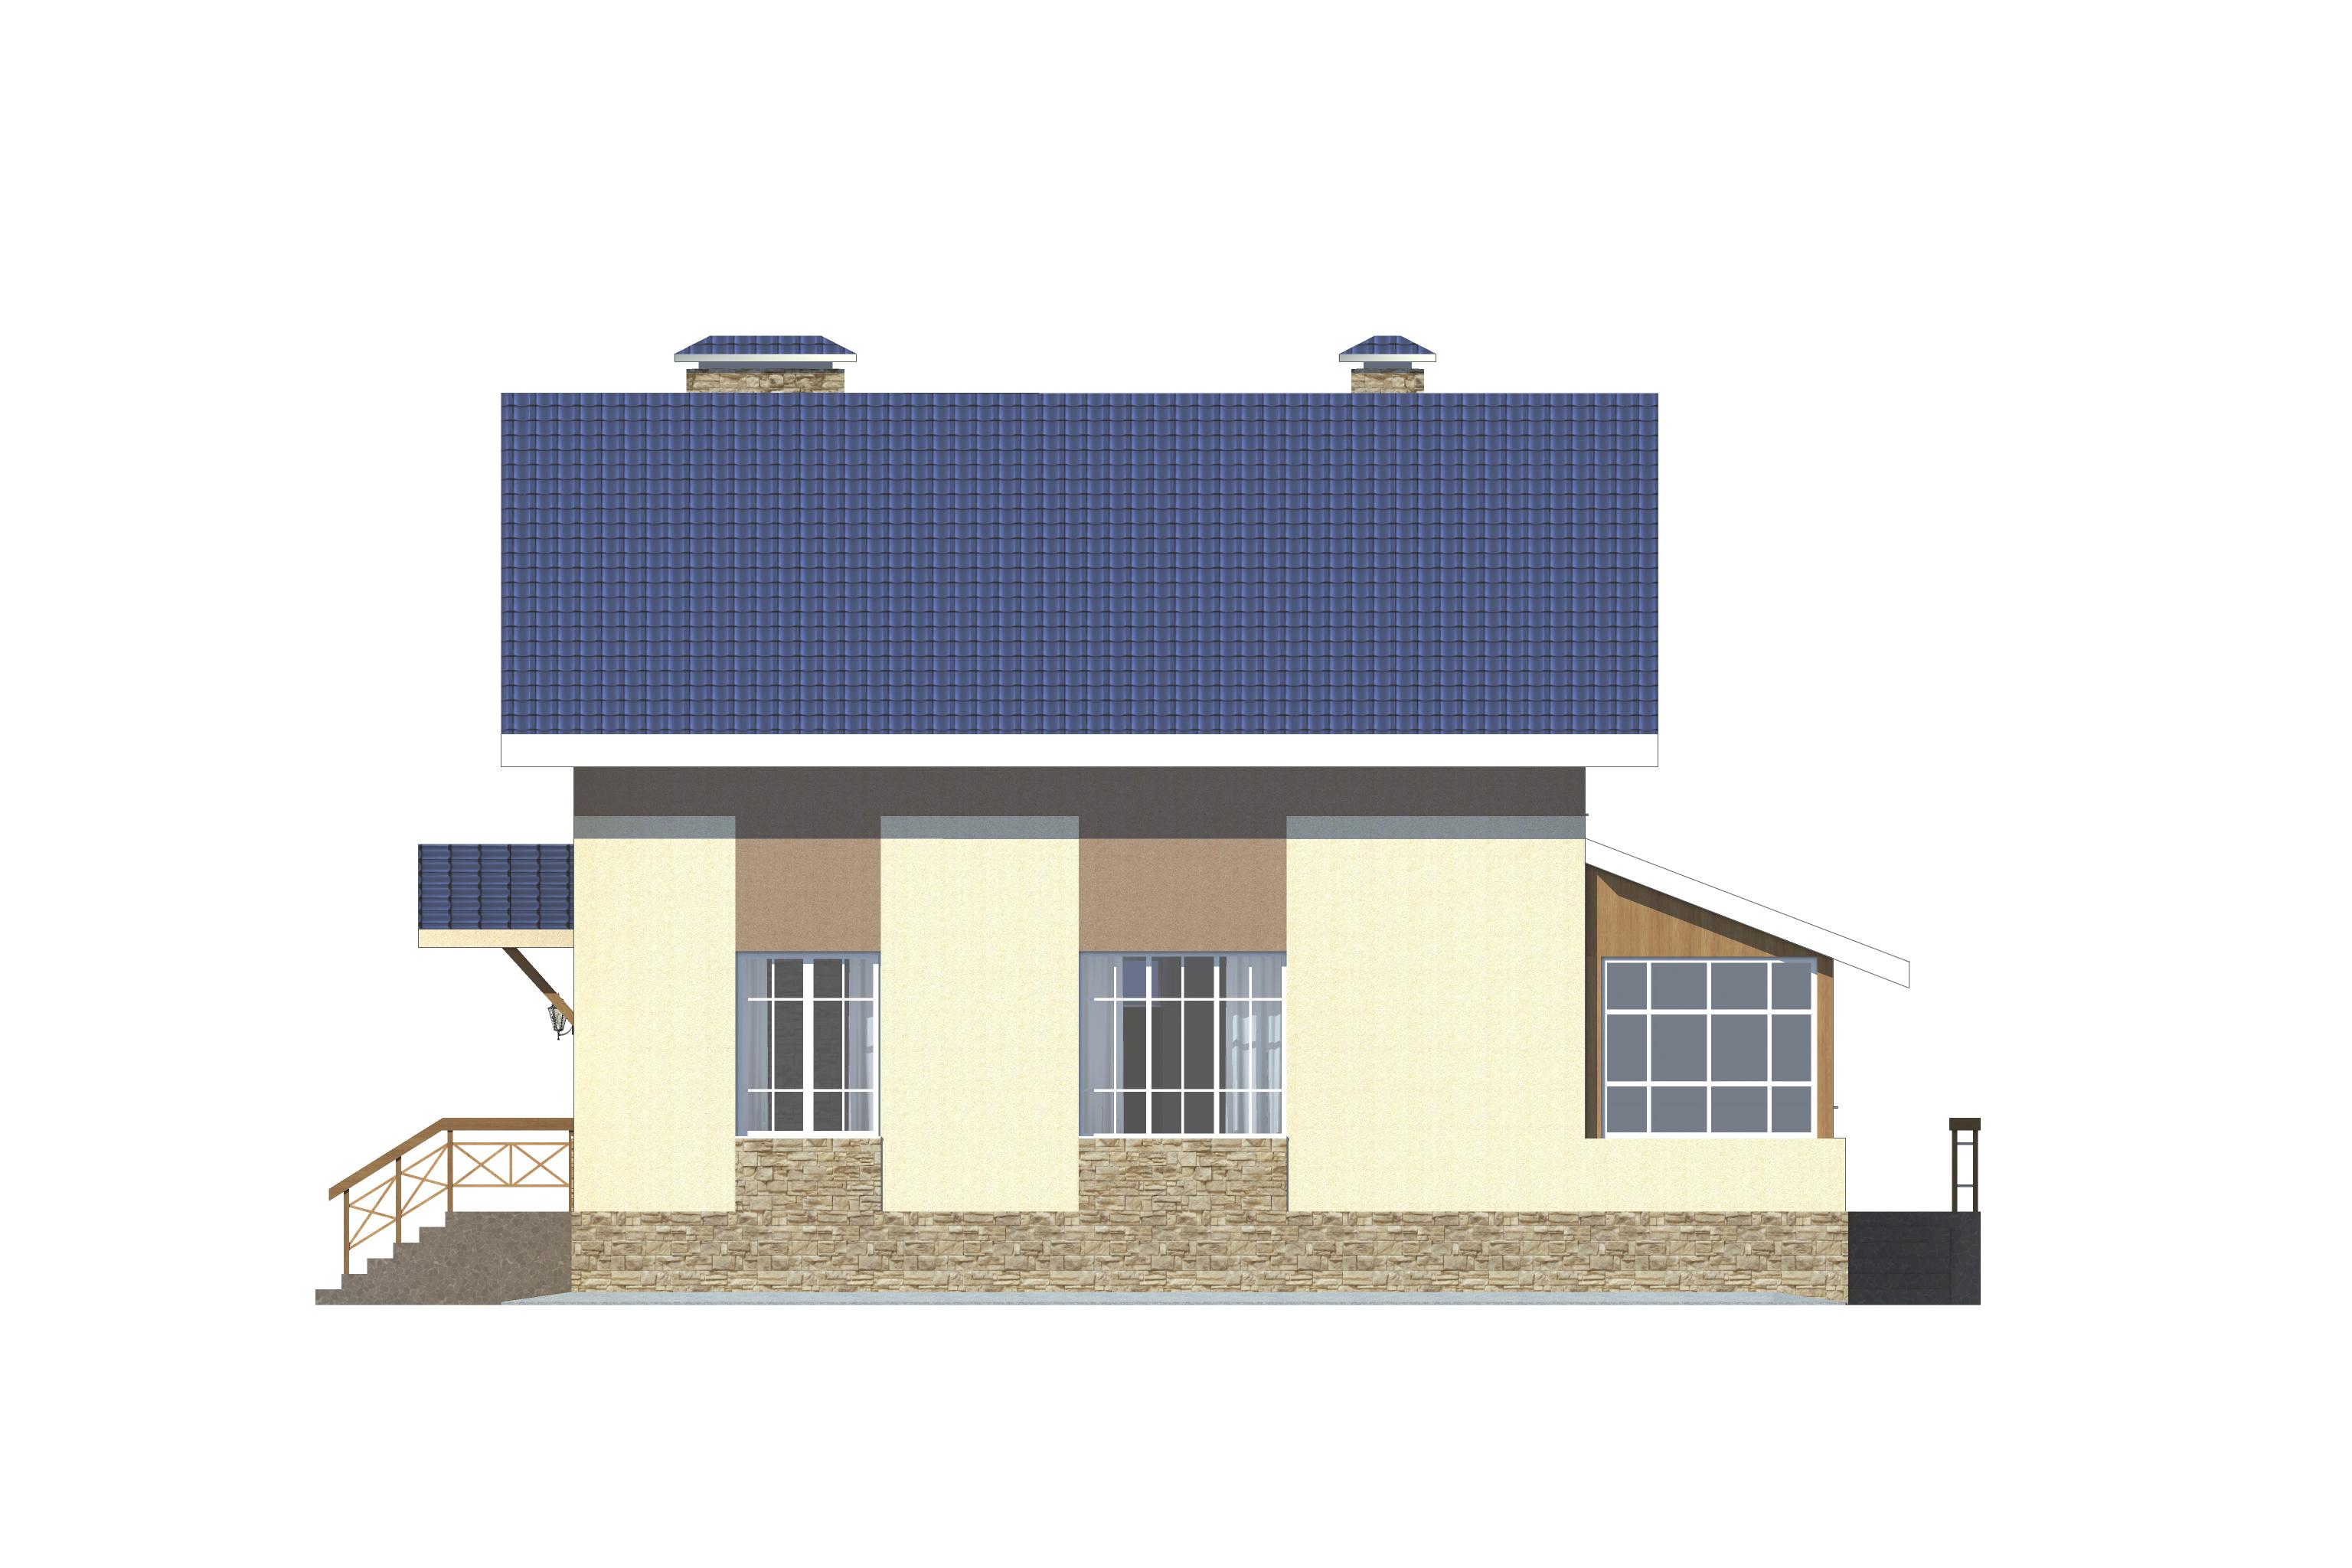 Готовый проект коттеджа 125 м2 / Артикул Э-56 фасад